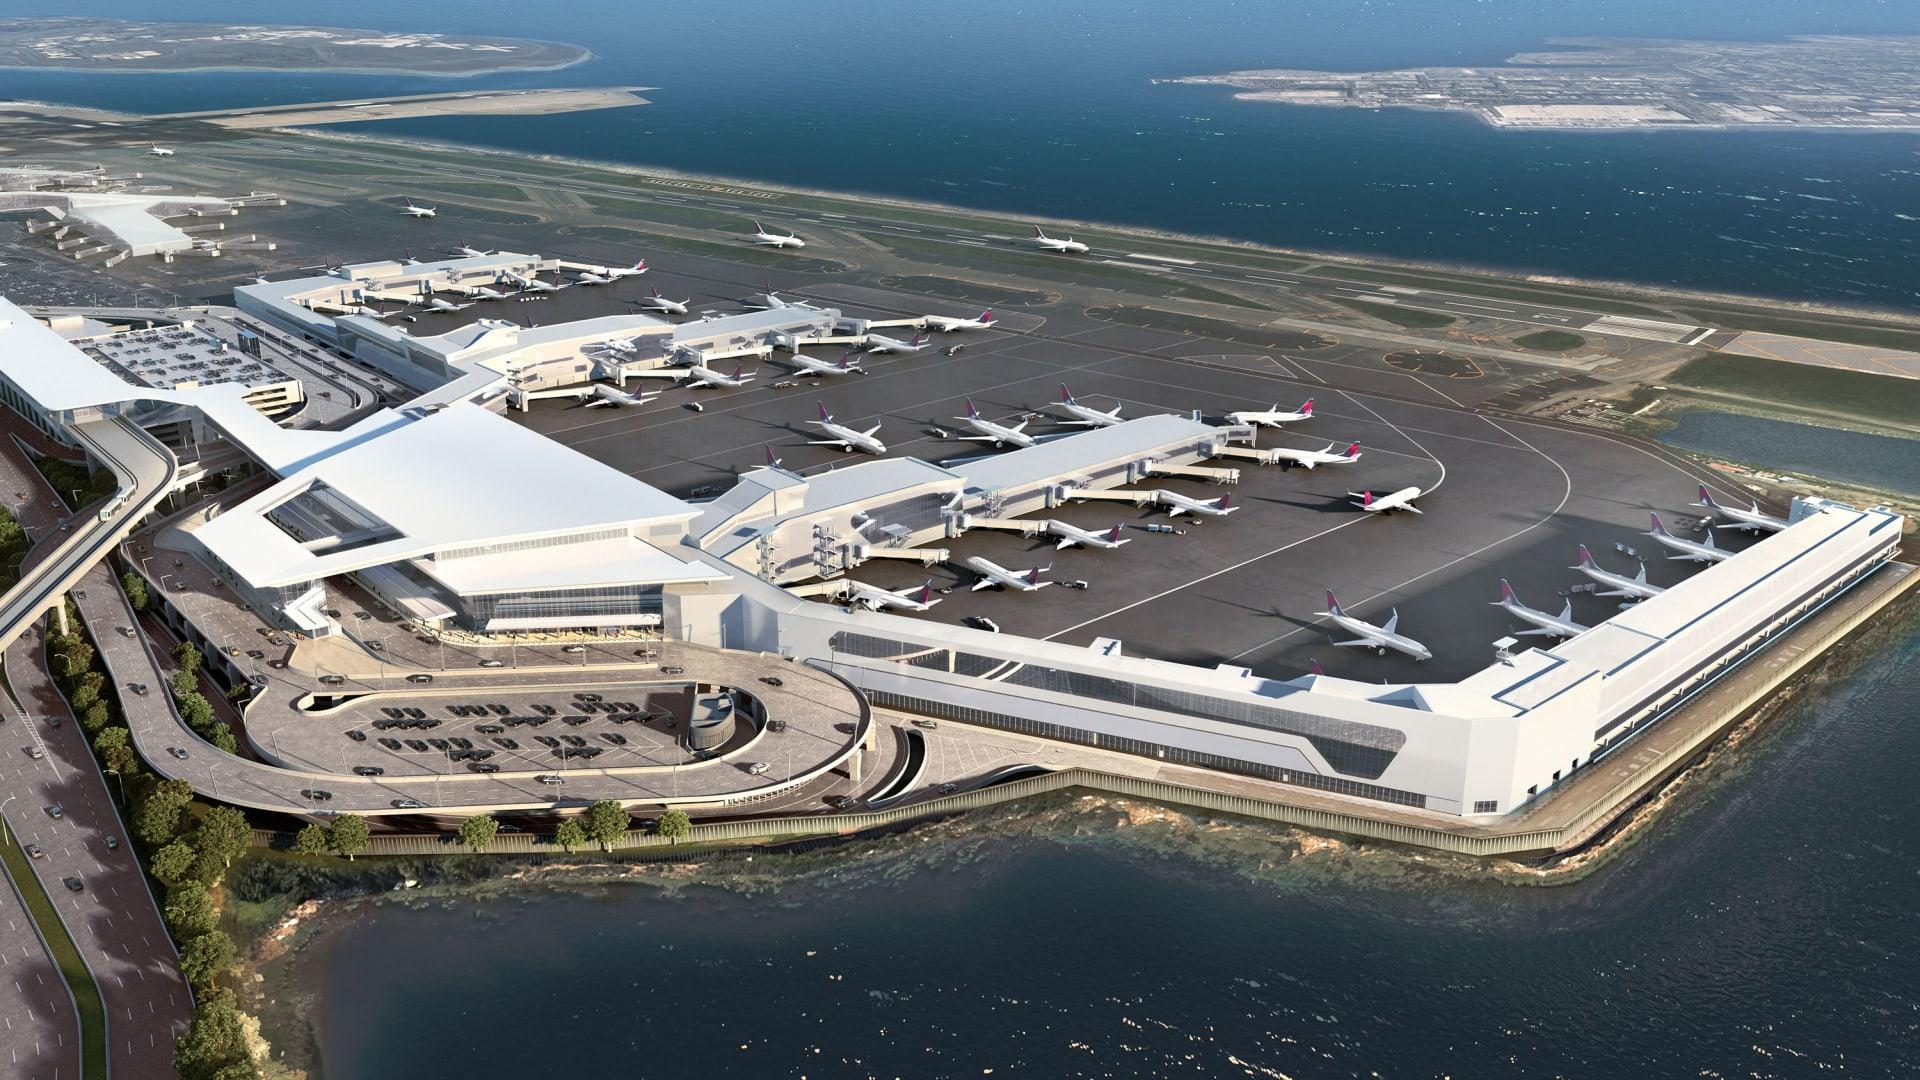 مطار لاغوارديا بنيويورك يكشف النقاب عن صالة جديدة بتكلفة 3.9 مليار دولار